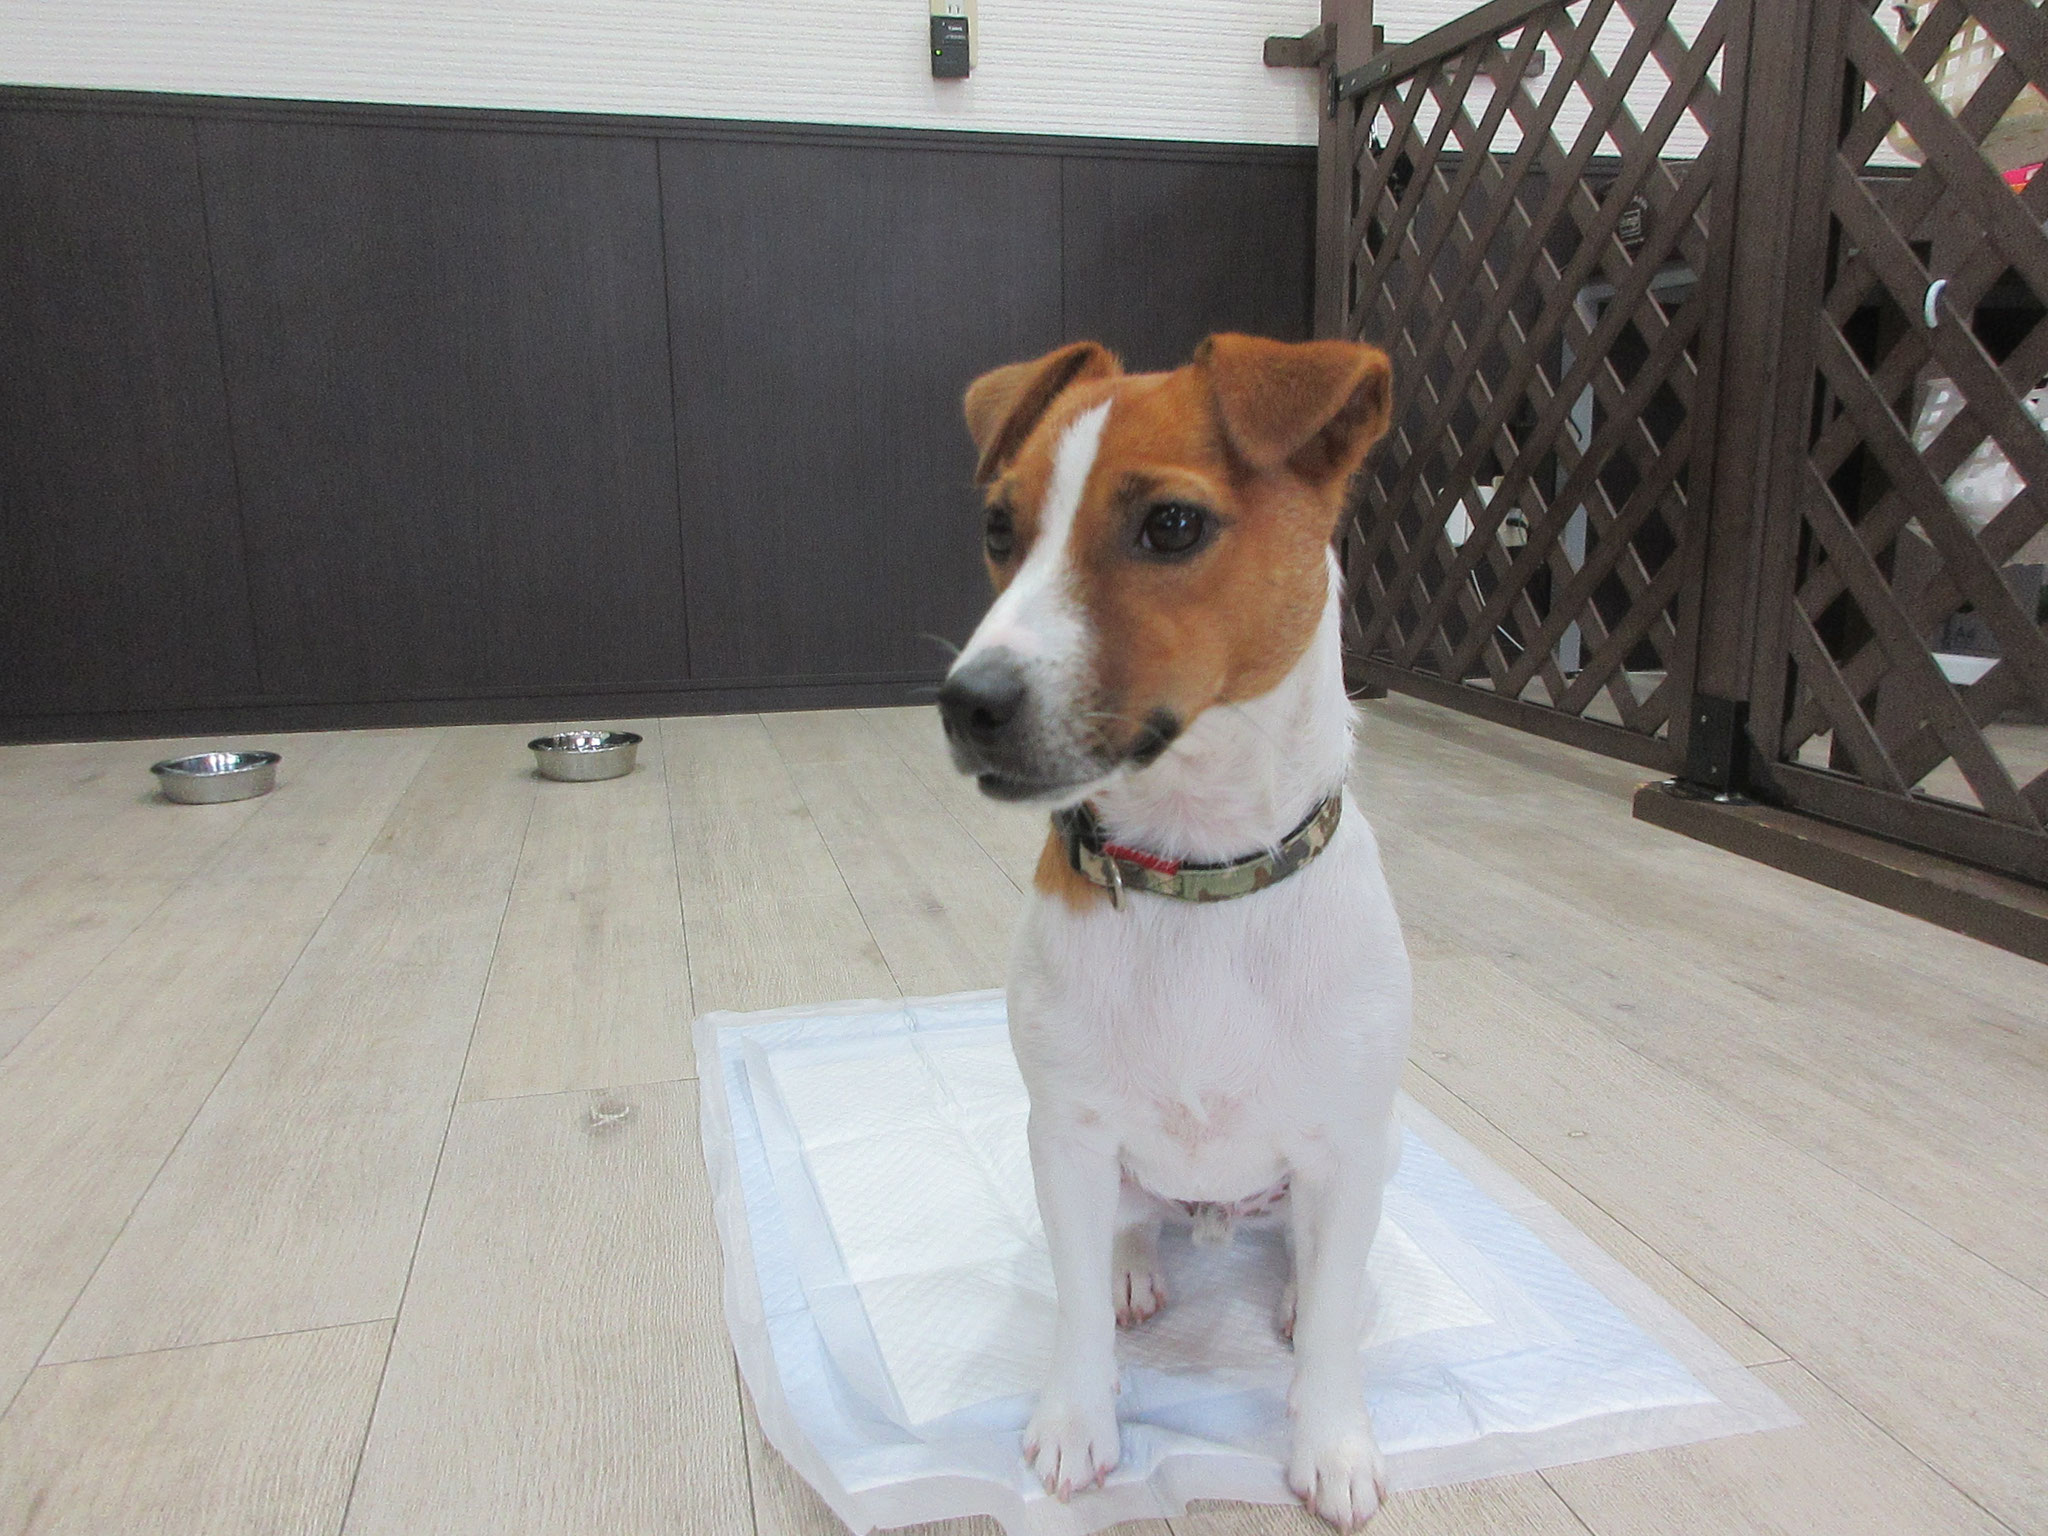 ボブくん・犬の保育園Baby・犬・犬のしつけ・犬の社会化・習志野市・八千代市・船橋市